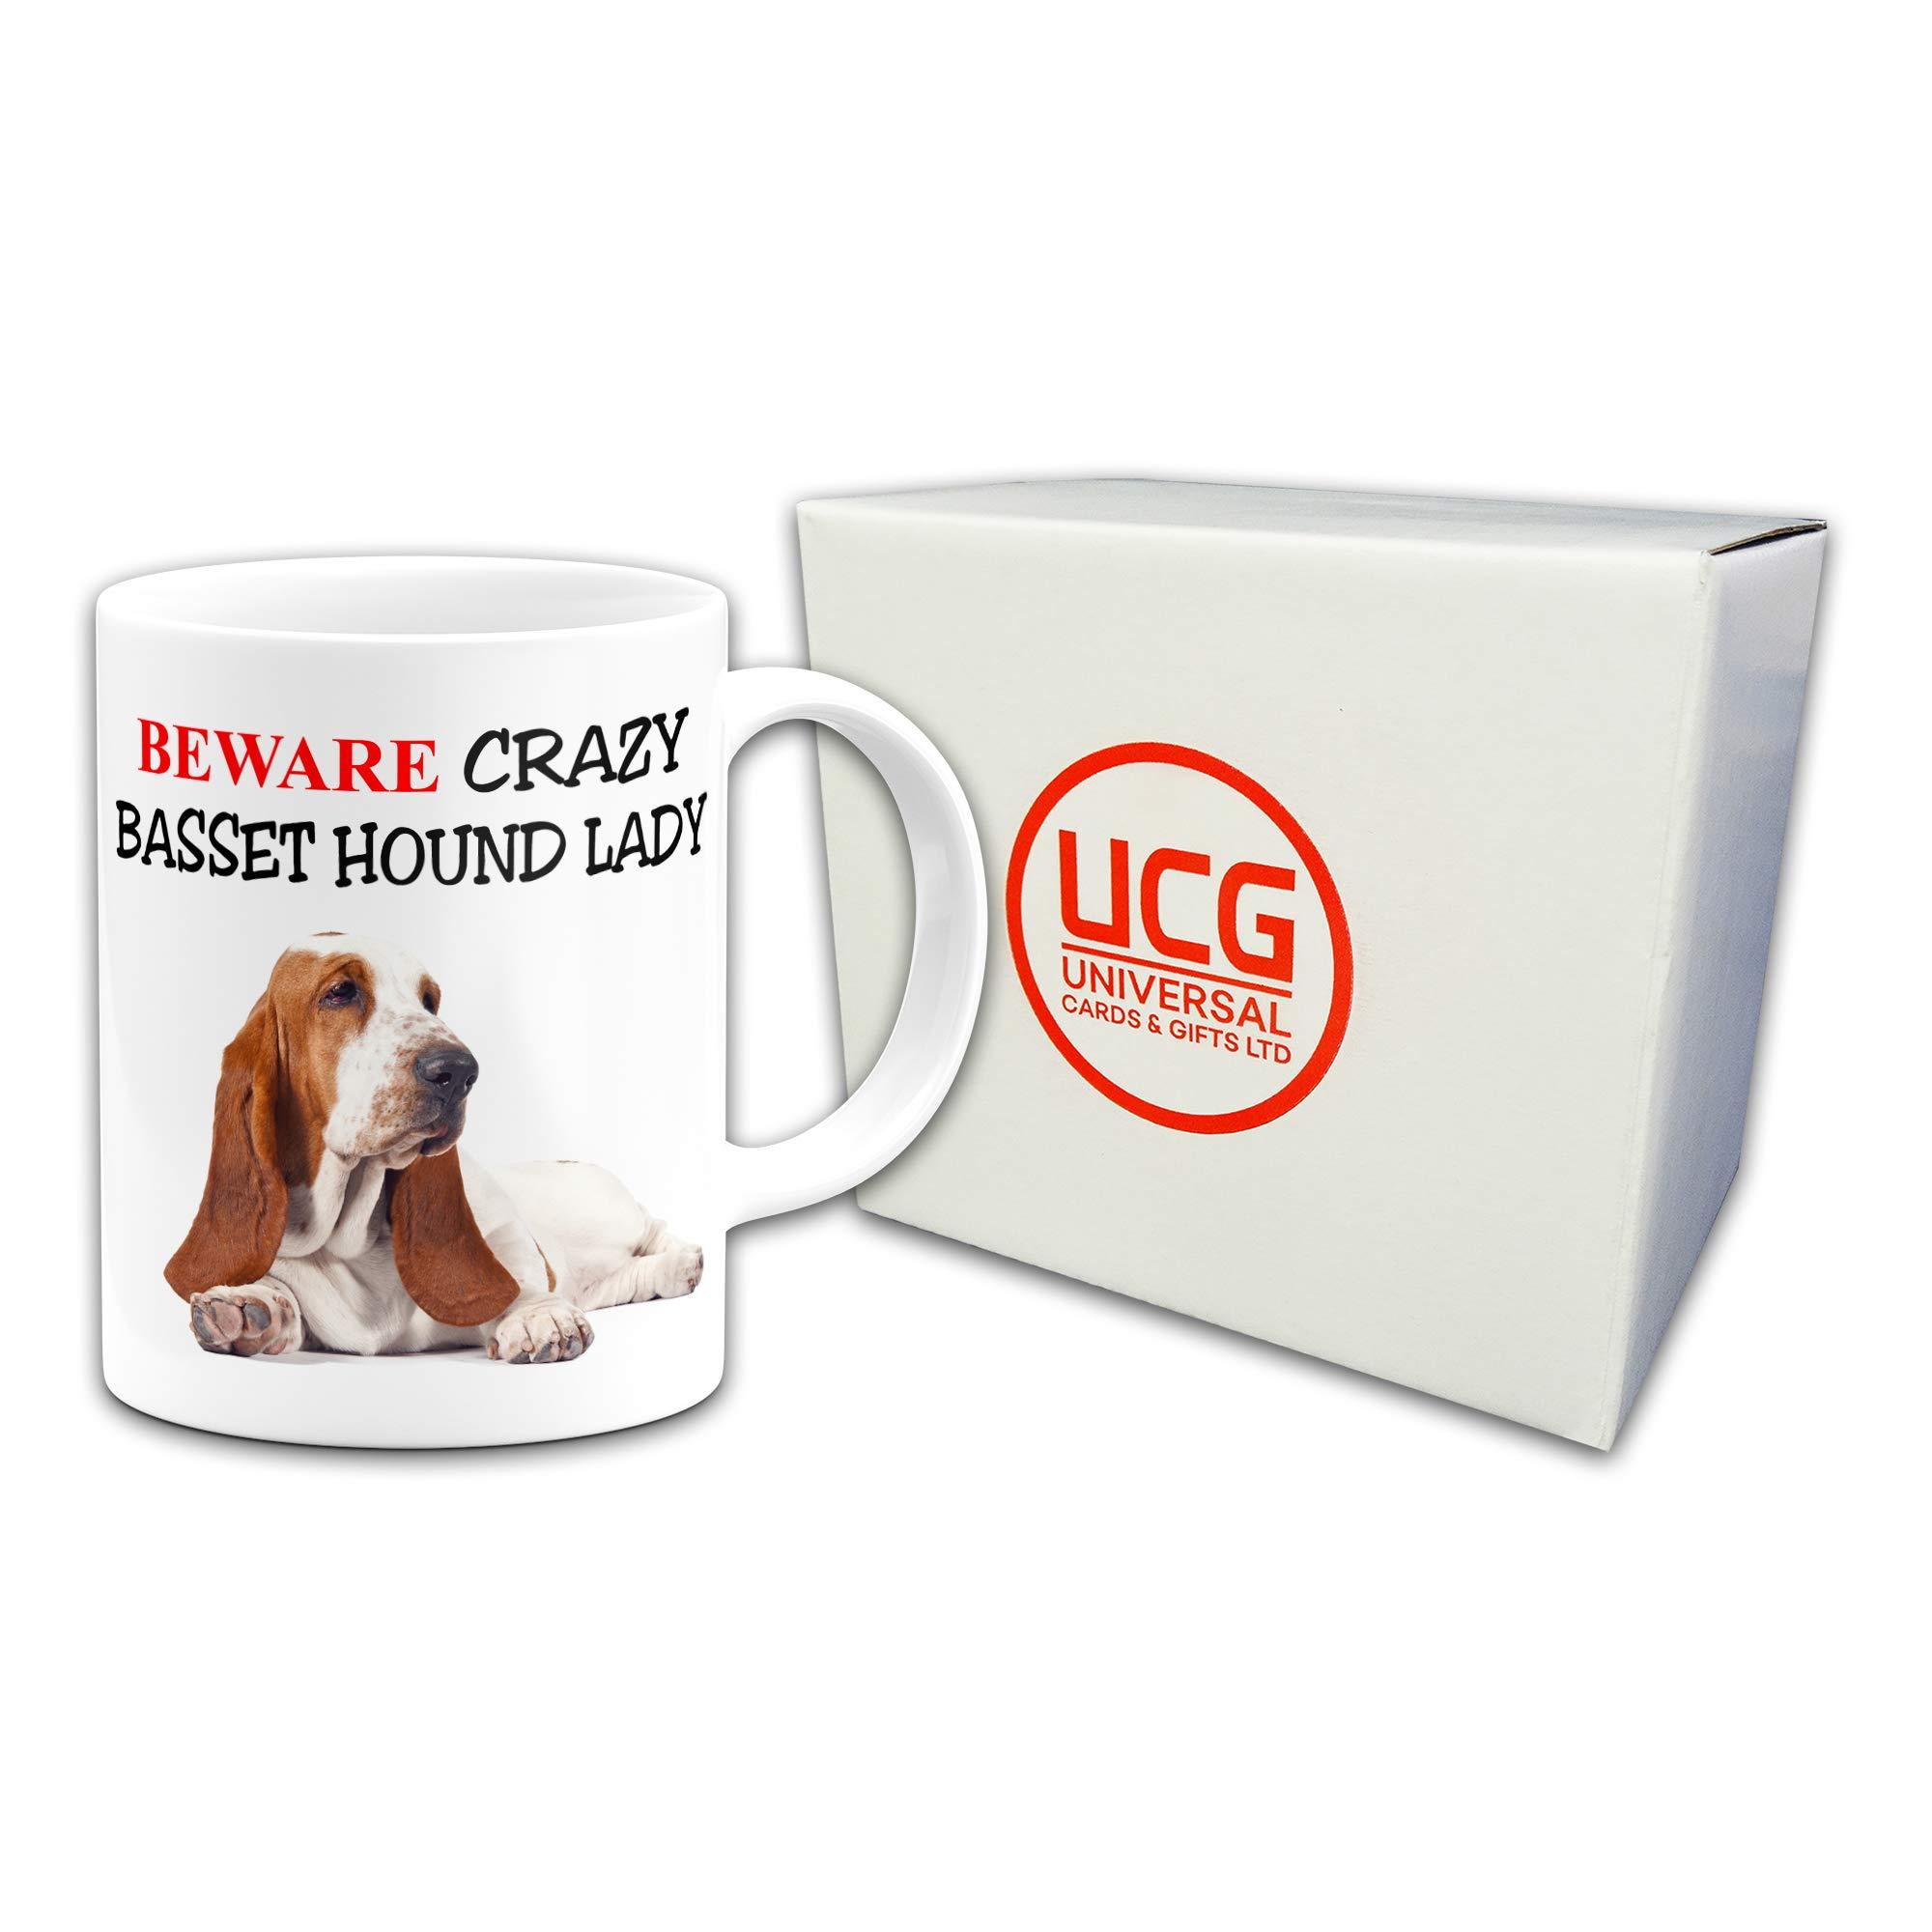 Beware Crazy Basset Hound Lady Funny Novelty Gift Mug